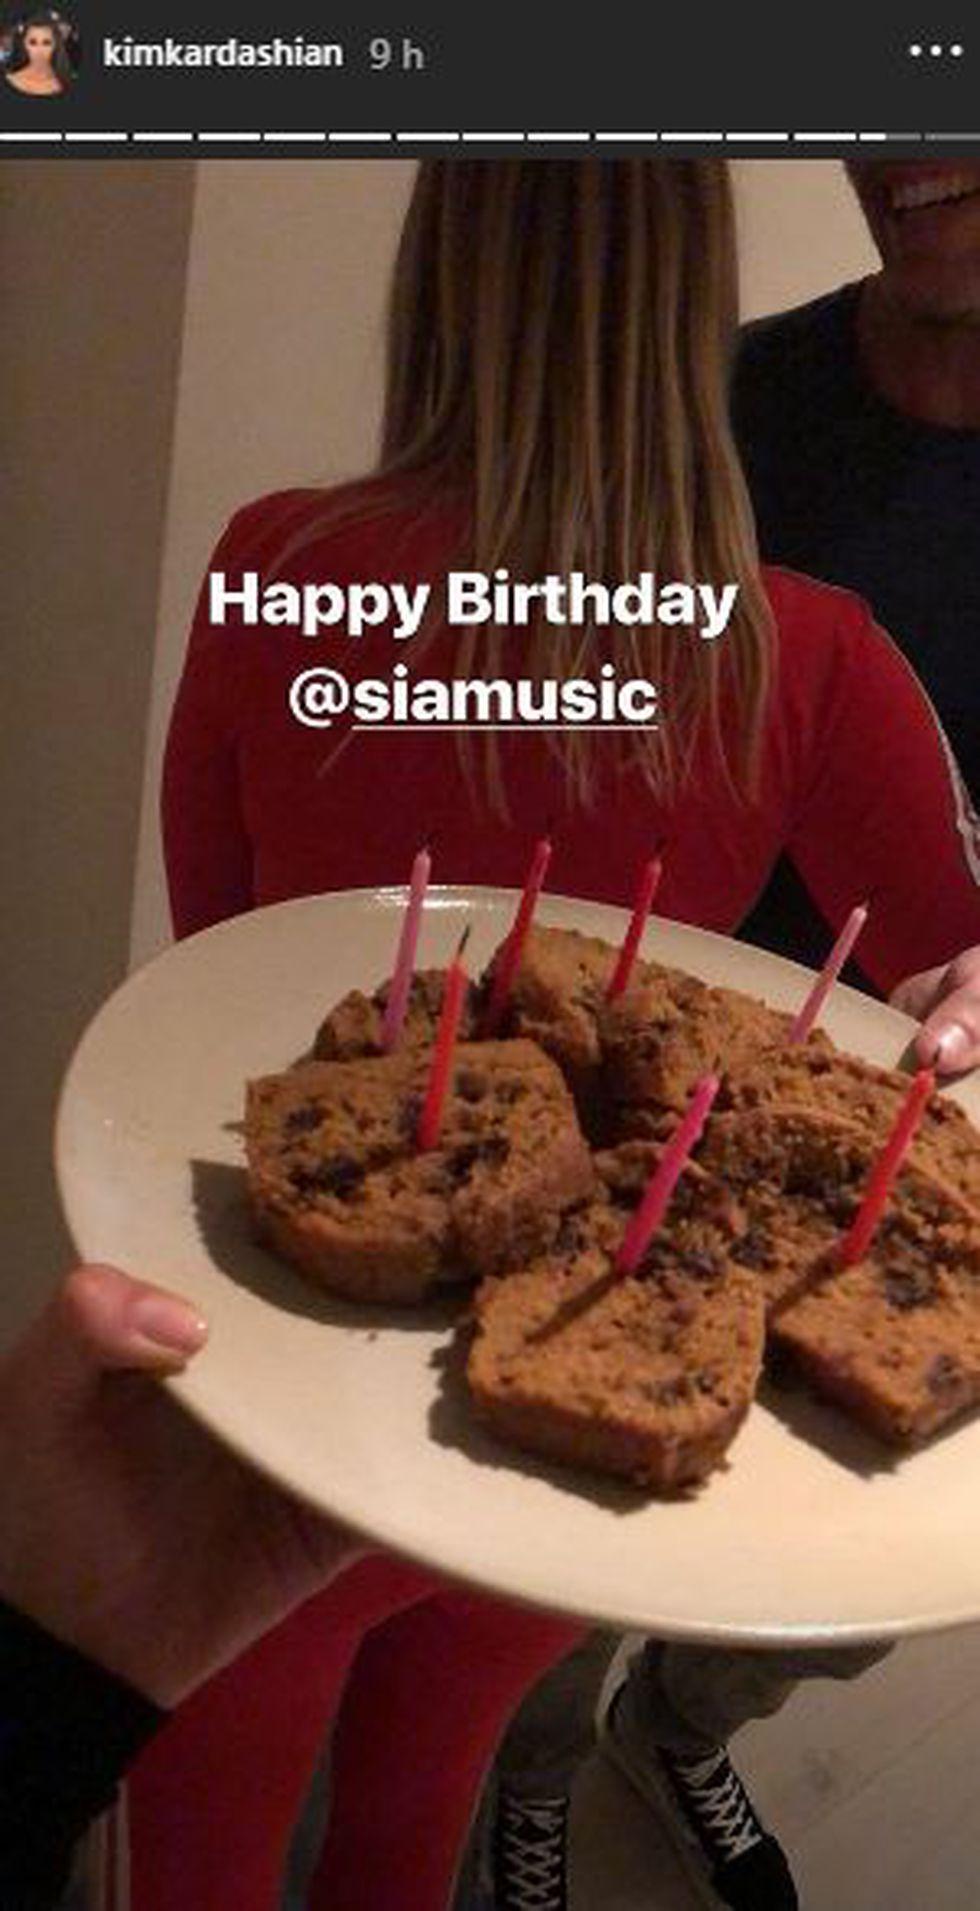 Las famosas celebraron juntas el cumpleaños de Sia. (Foto: @kimkardashian)